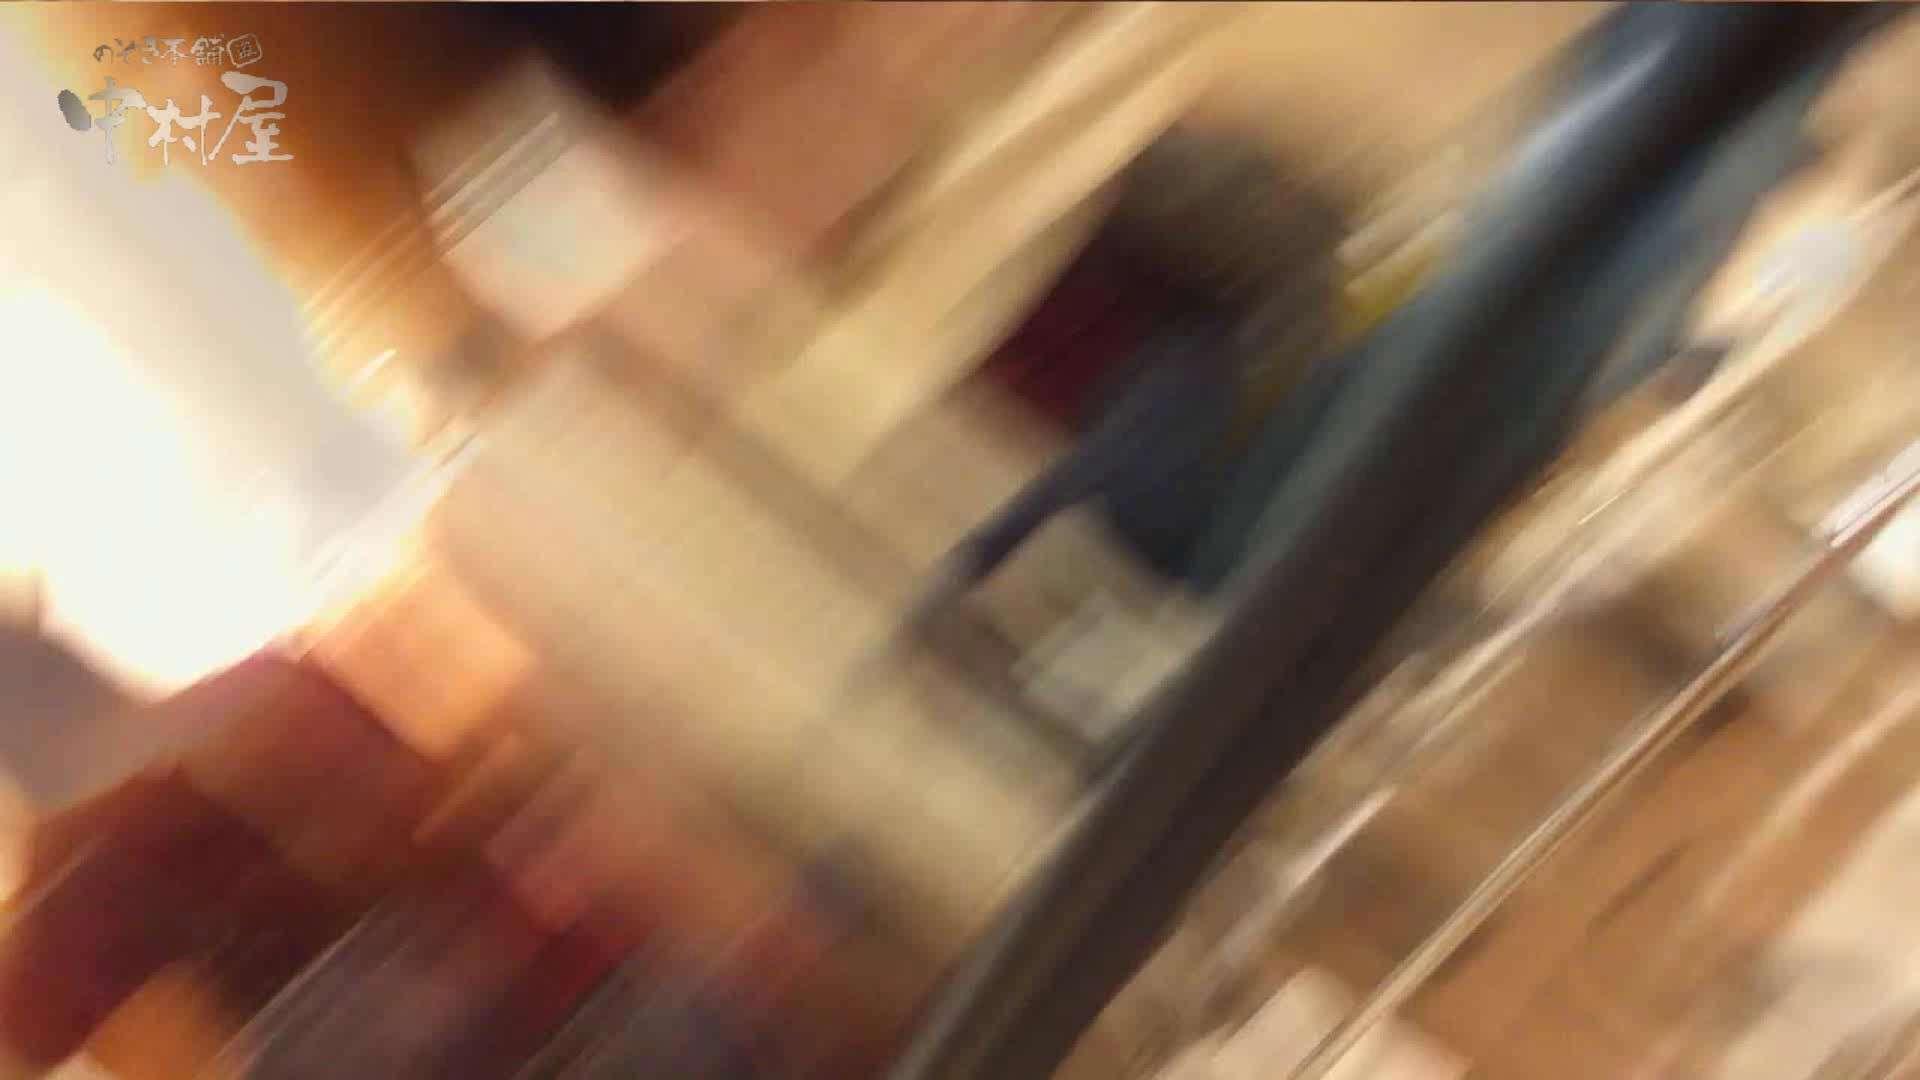 vol.69 美人アパレル胸チラ&パンチラ ストライプパンツみっけ! パンチラ  112PIX 100